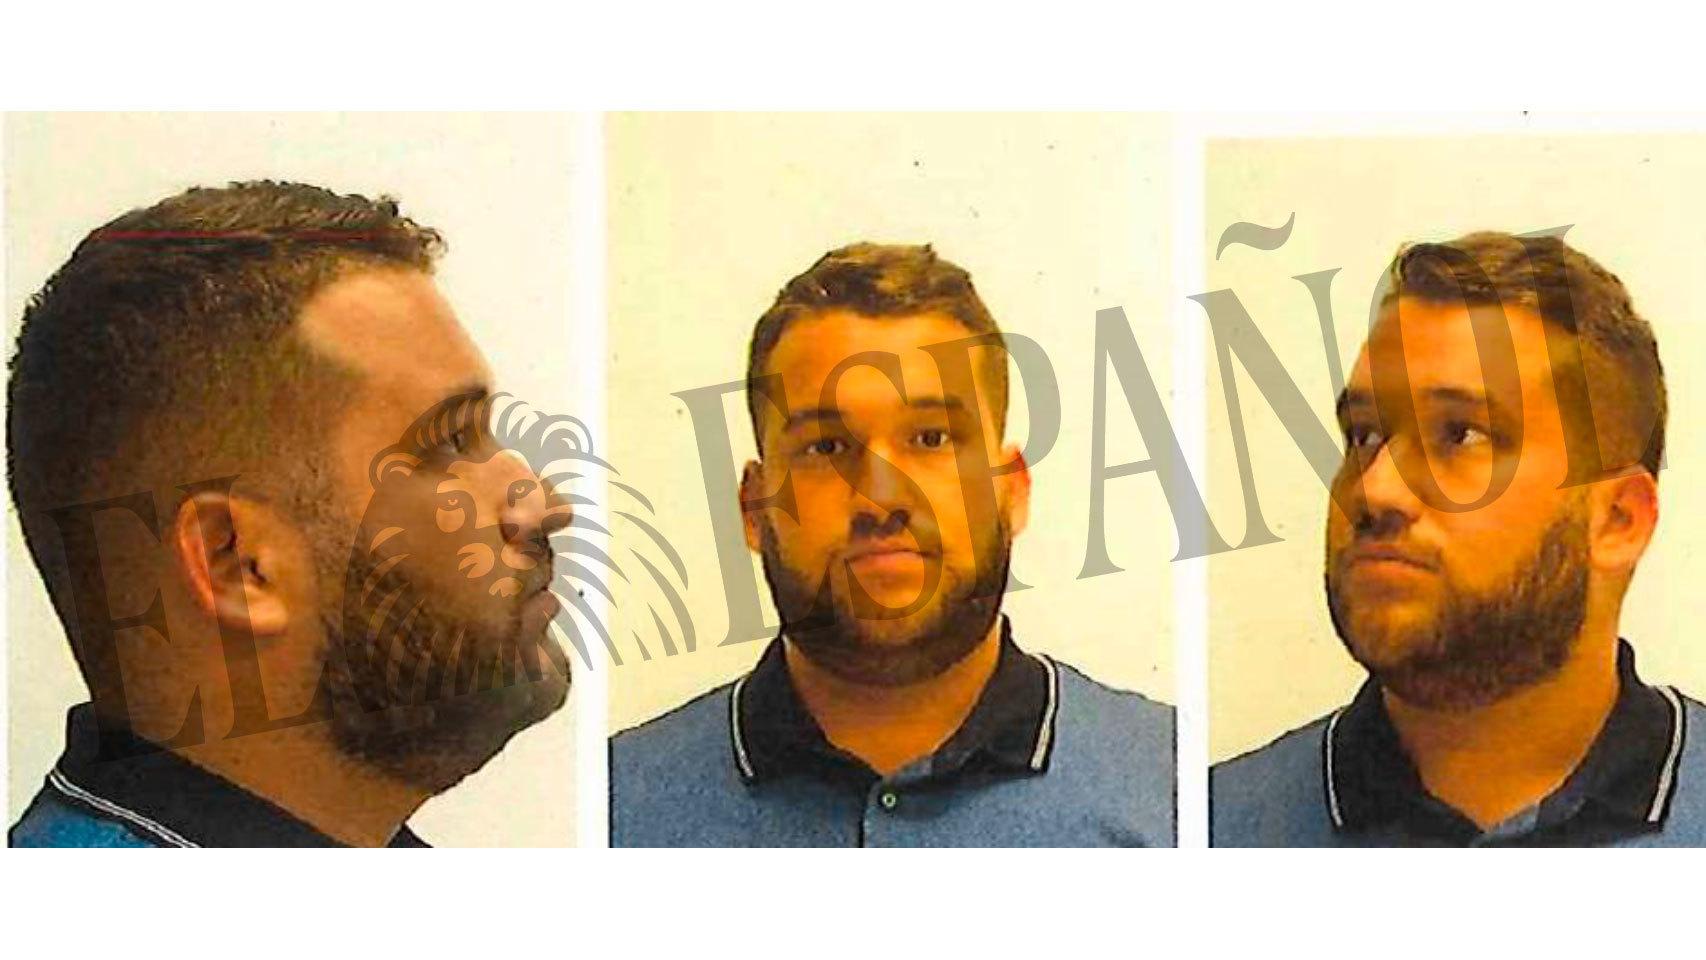 Los tatuajes que delataron al 'Prenda' y a su 'manada'